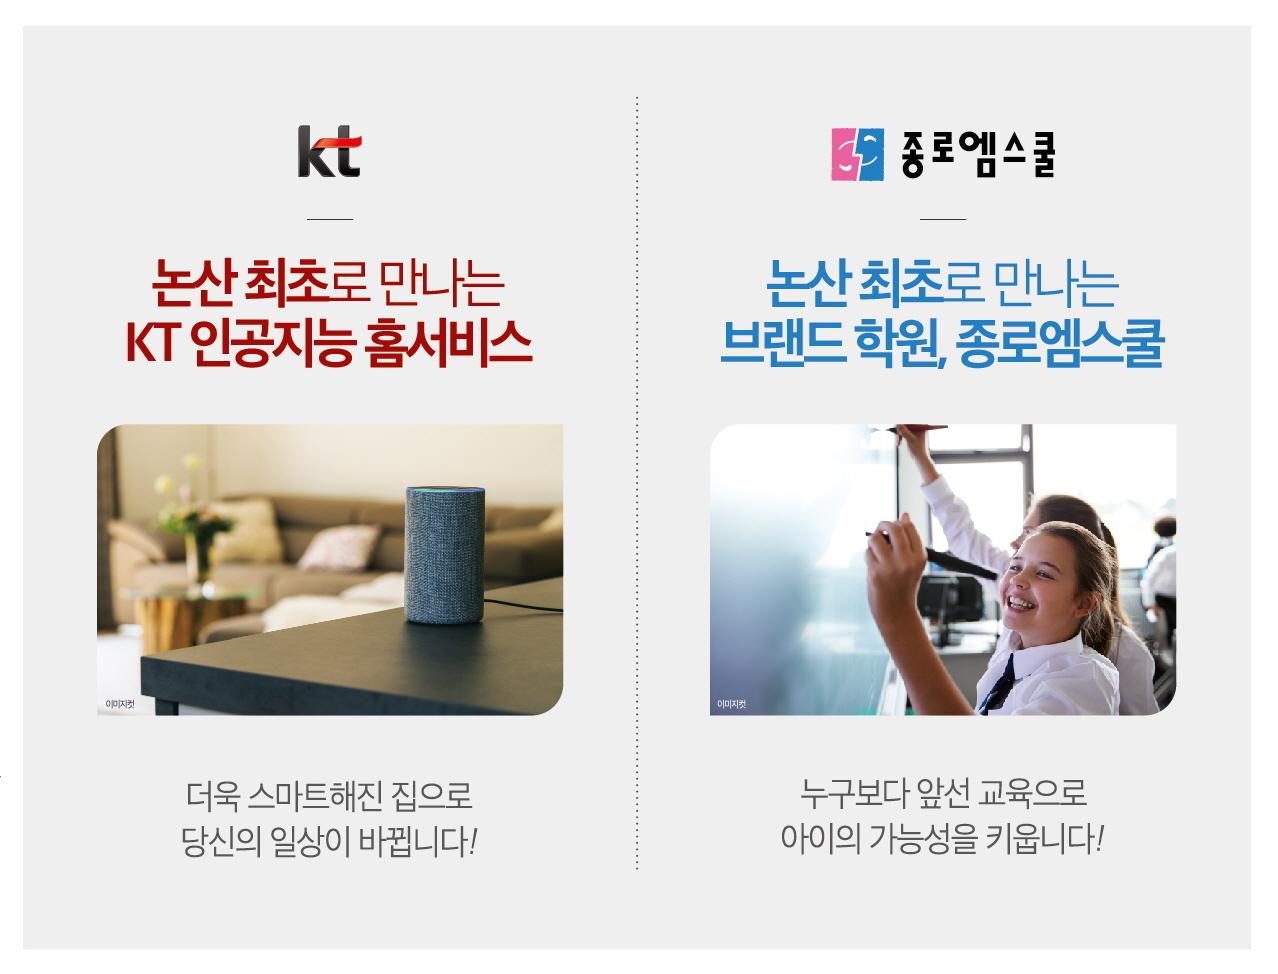 논산 강경 스위트 아파트 홈서비스와 종로엠스쿨